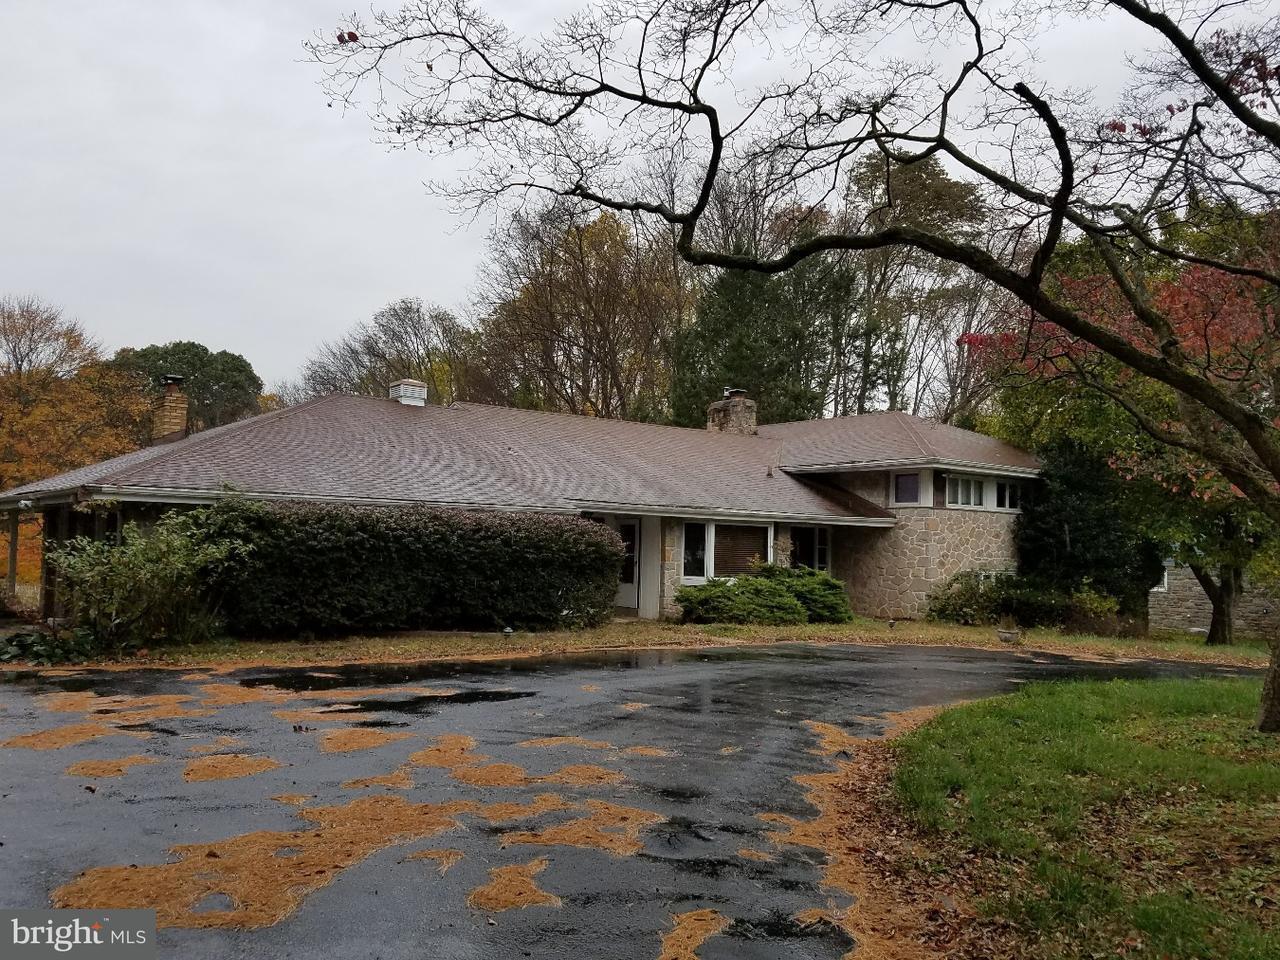 独户住宅 为 销售 在 27 PINE TREE Drive Broomall, 宾夕法尼亚州 19008 美国